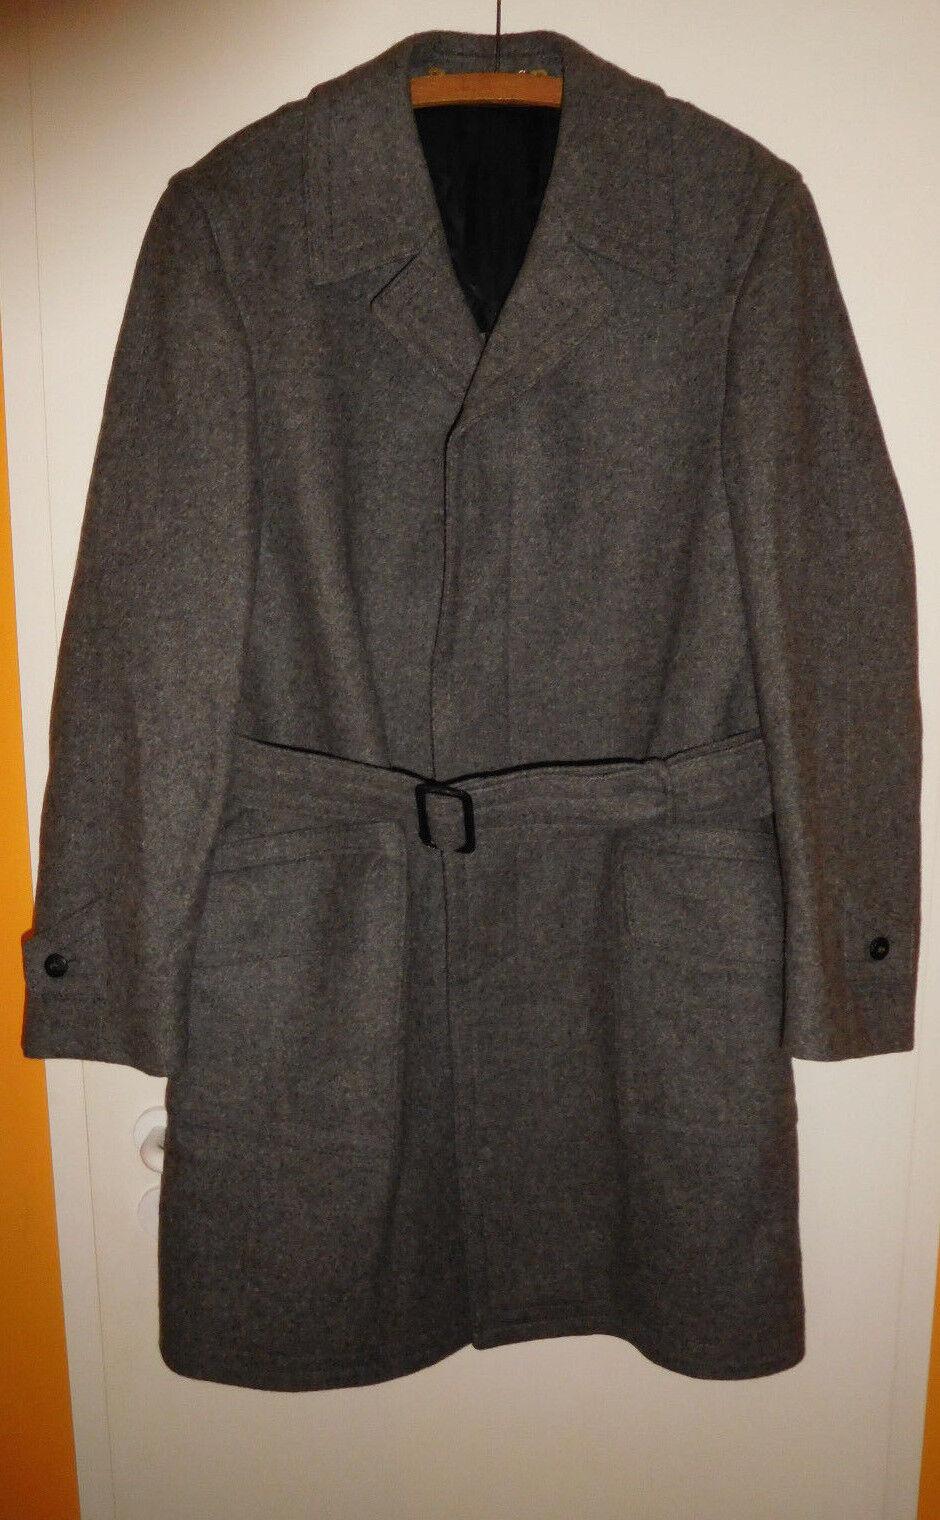 Travel Coat Coat Coat Louisoder -Herrenmantel- Größe 86 -Anthrazit- 100% reine Schurwolle | Erschwinglich  48b033